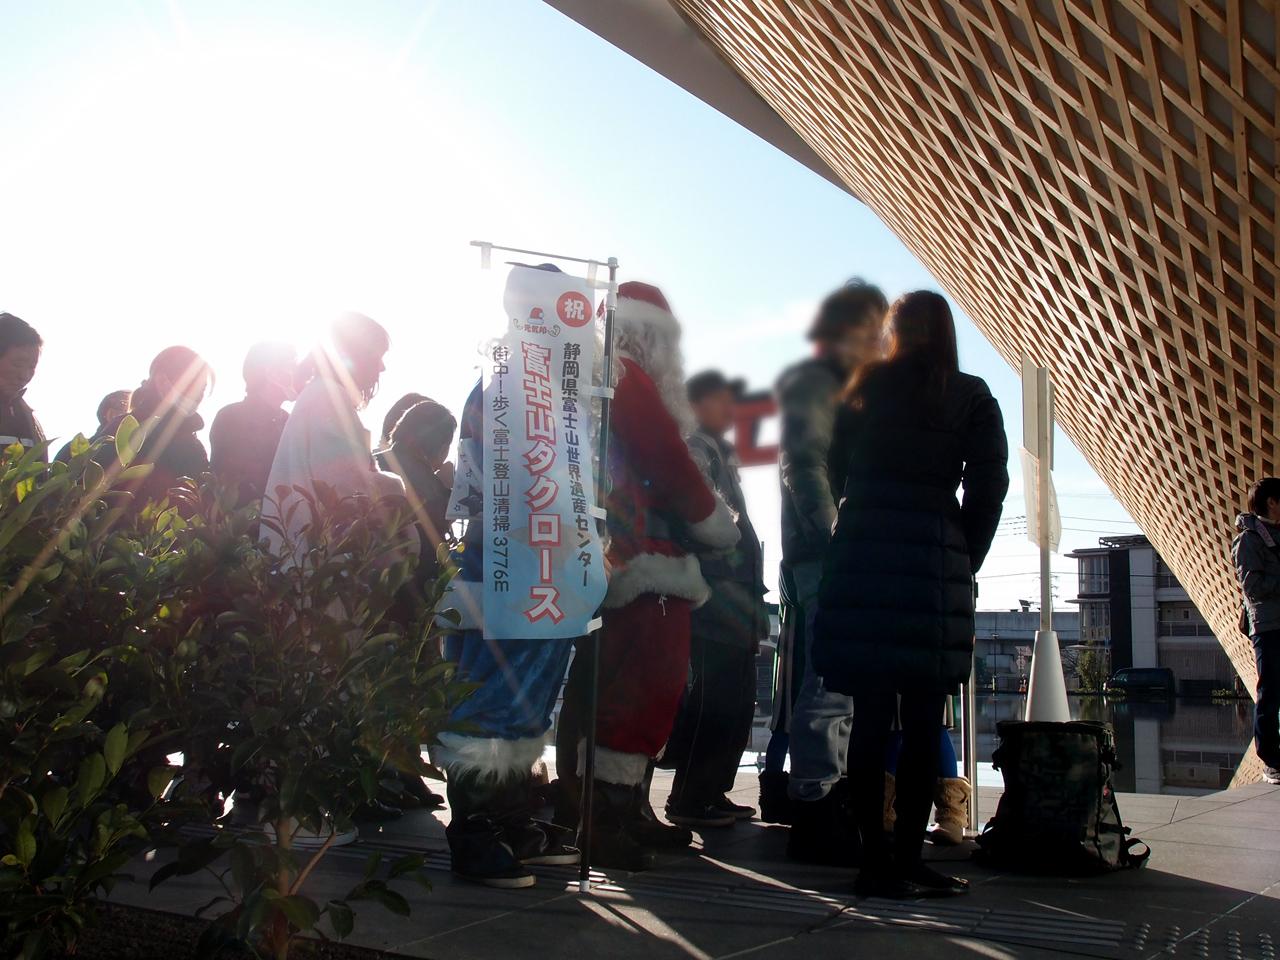 富士山世界遺産センターオープンを待つ人々